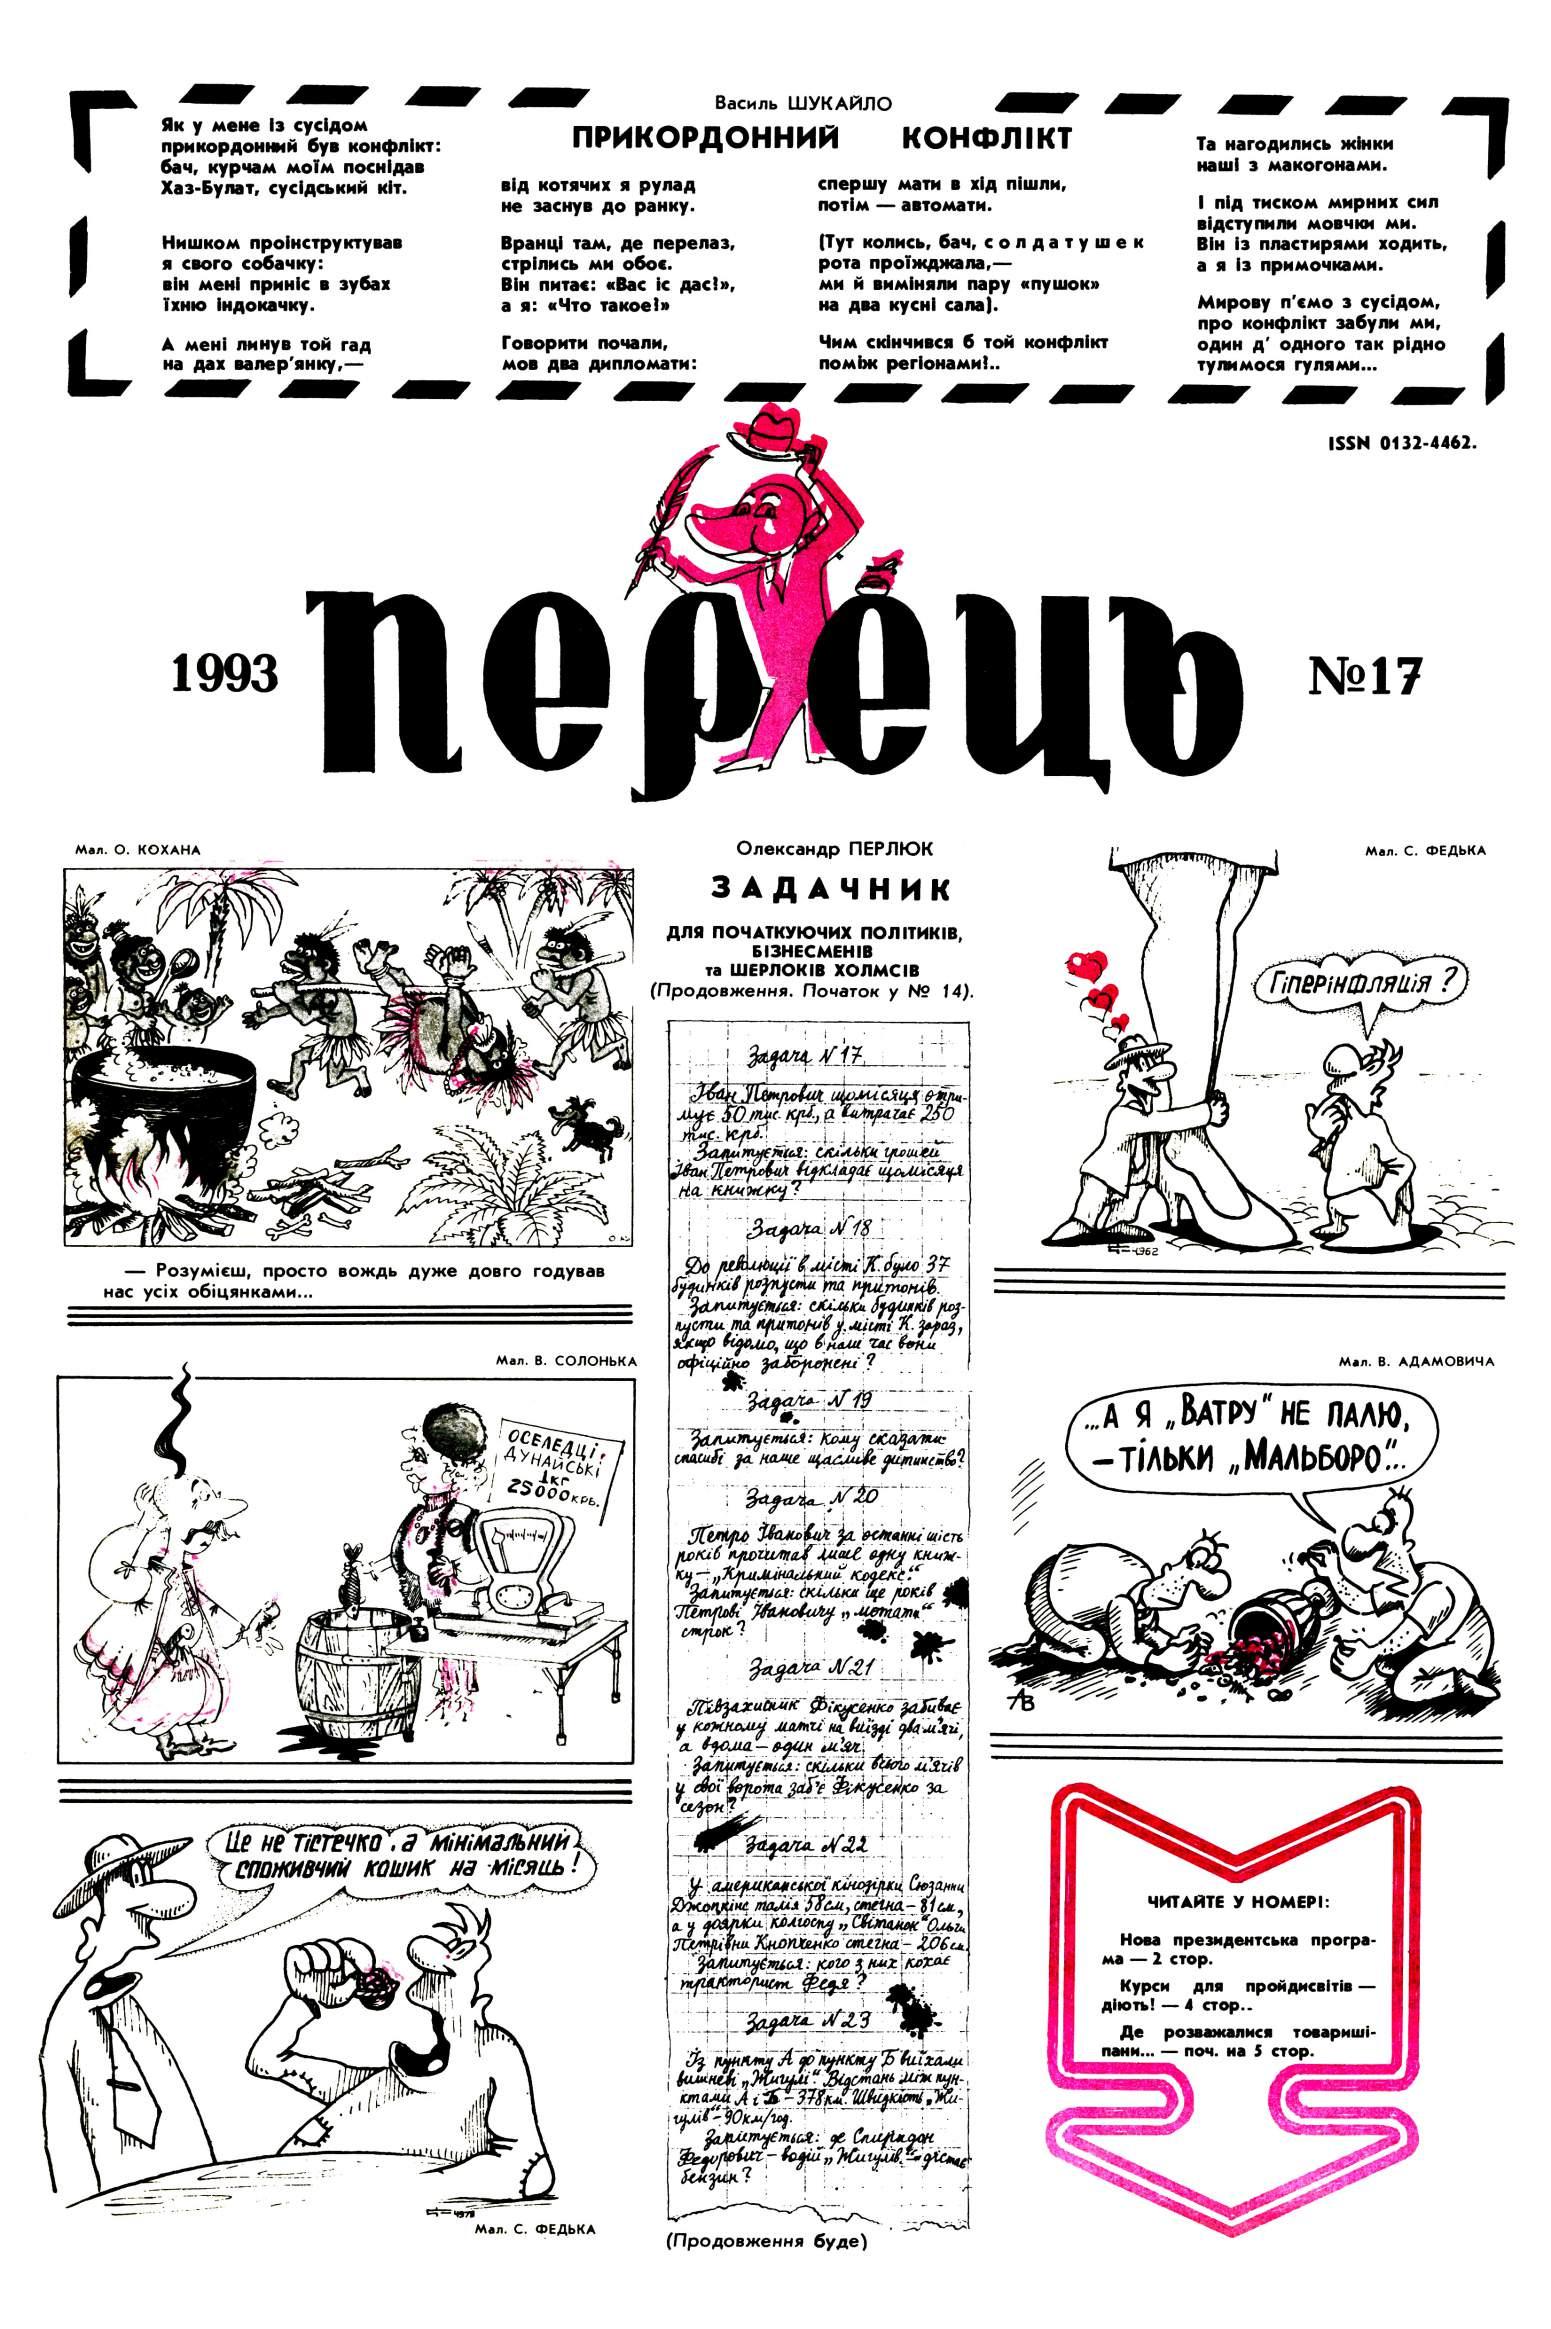 Журнал перець 1993 №17